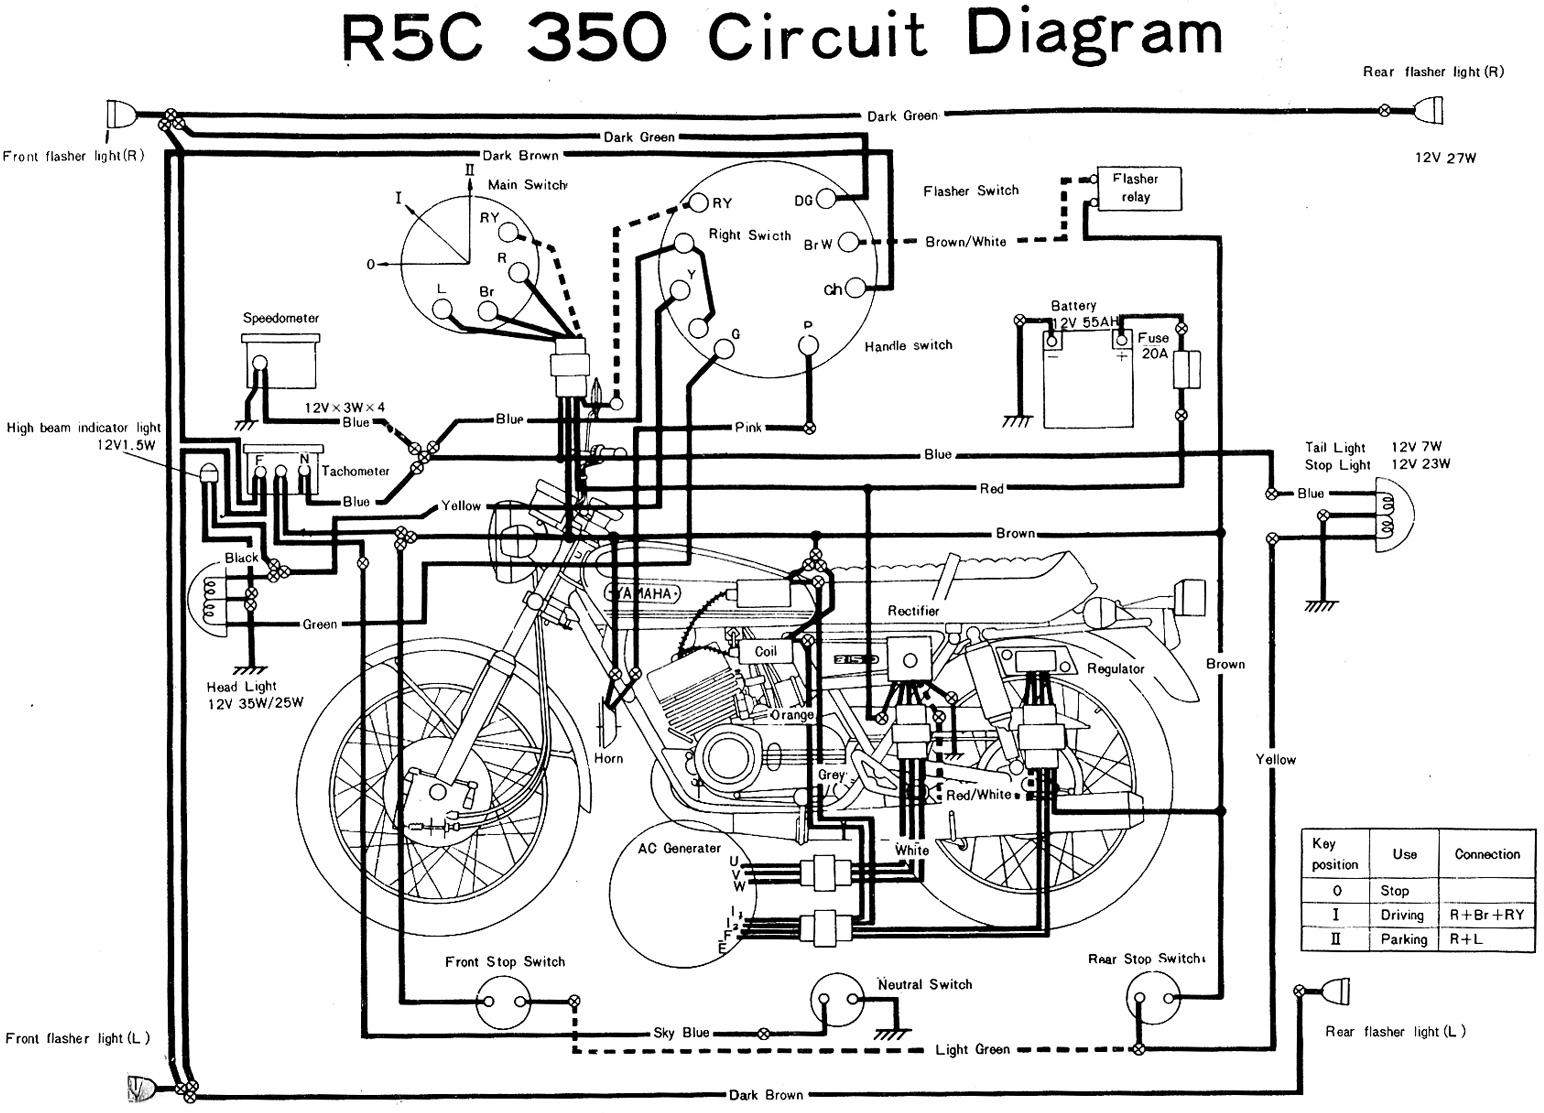 ac generator diagram such as an ac generator